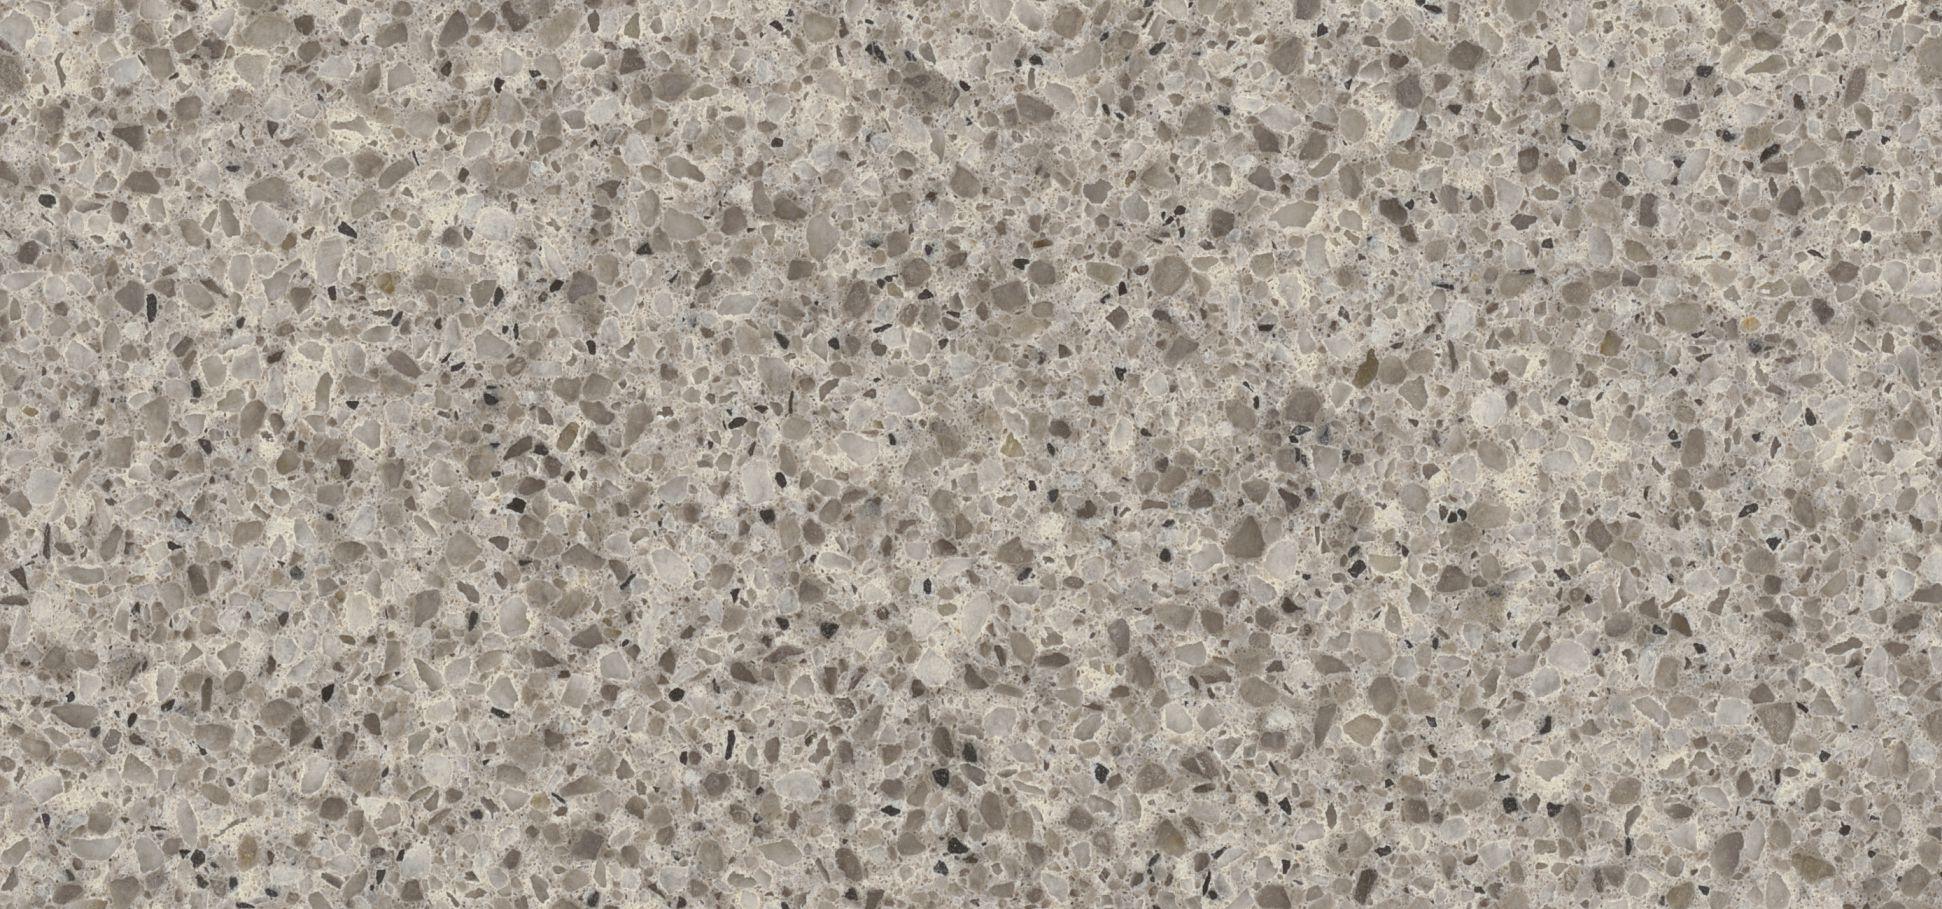 שיש אבן קיסר דגם 9260 תמונה ראשית